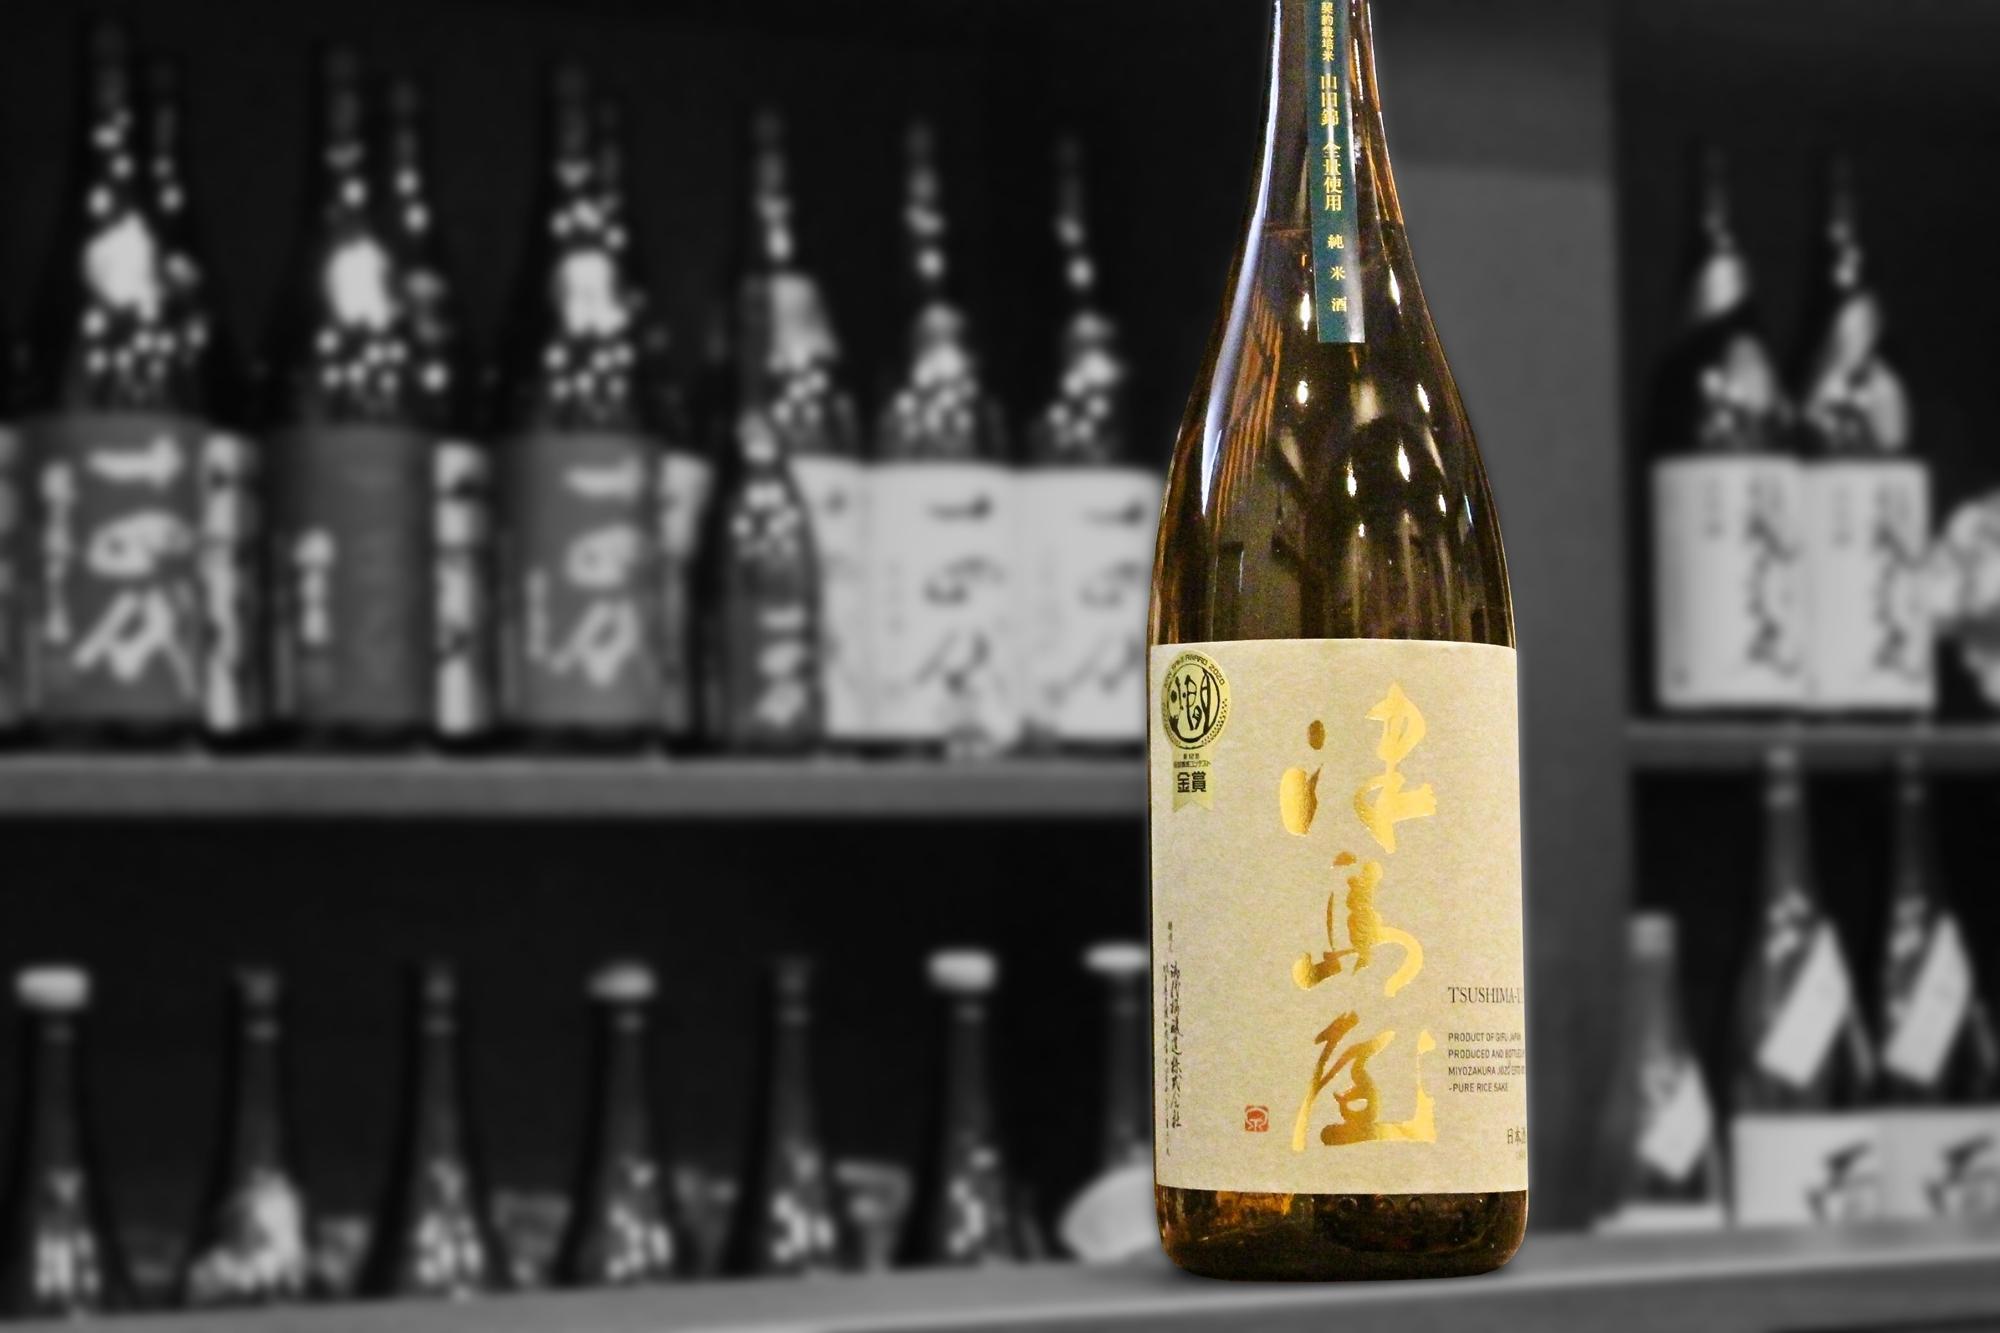 津島屋純米酒契約栽培米山田錦202101-001